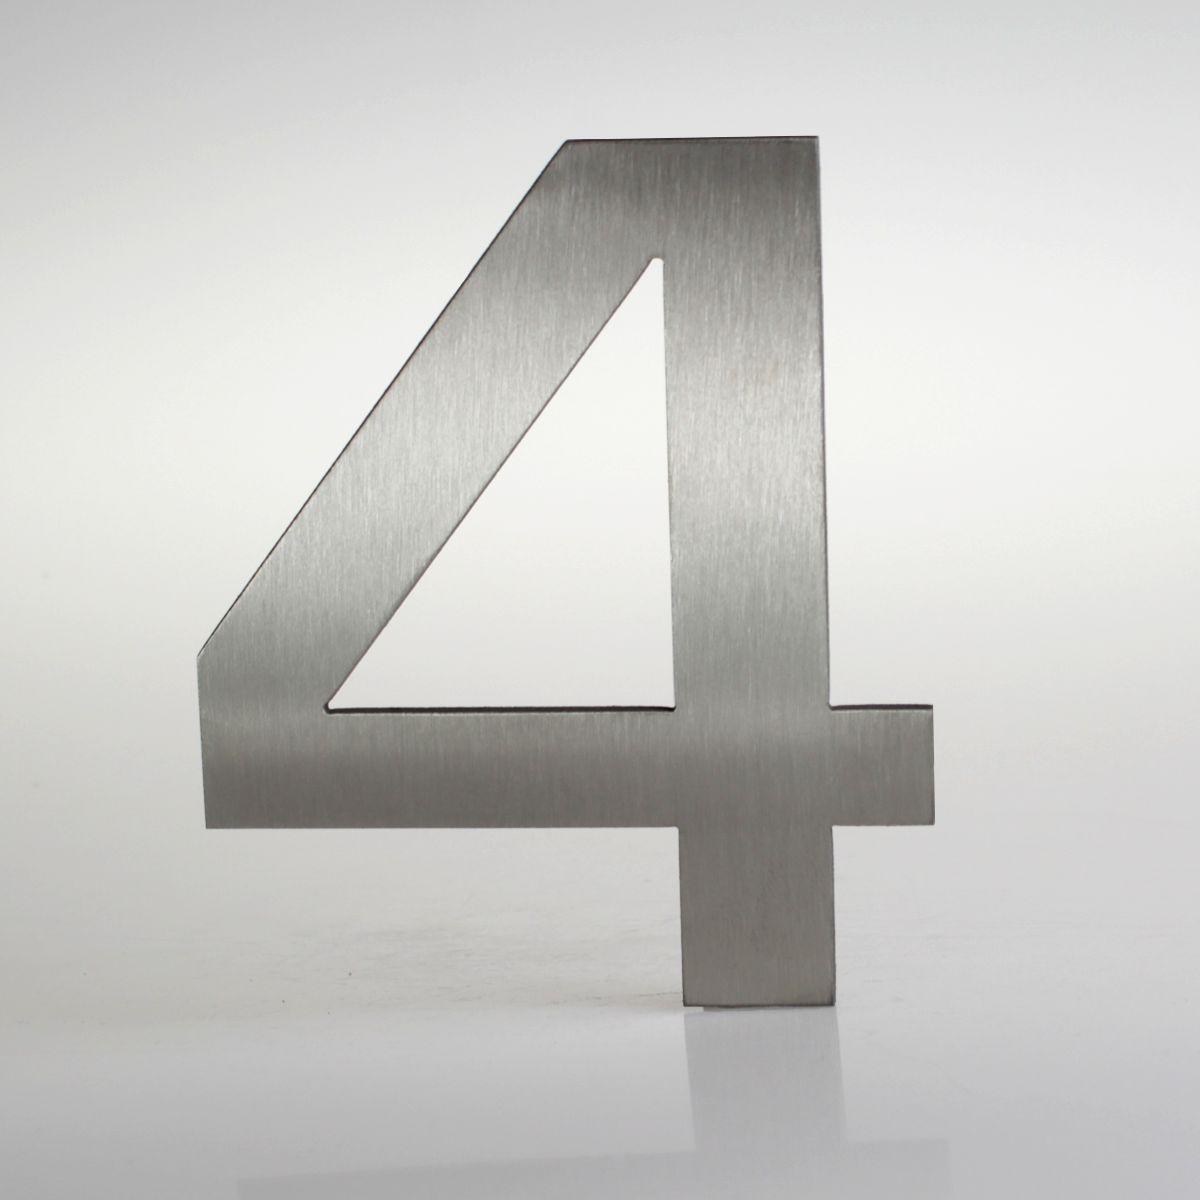 Domovní číslo popisné Nerez EUROMODE - č. 4